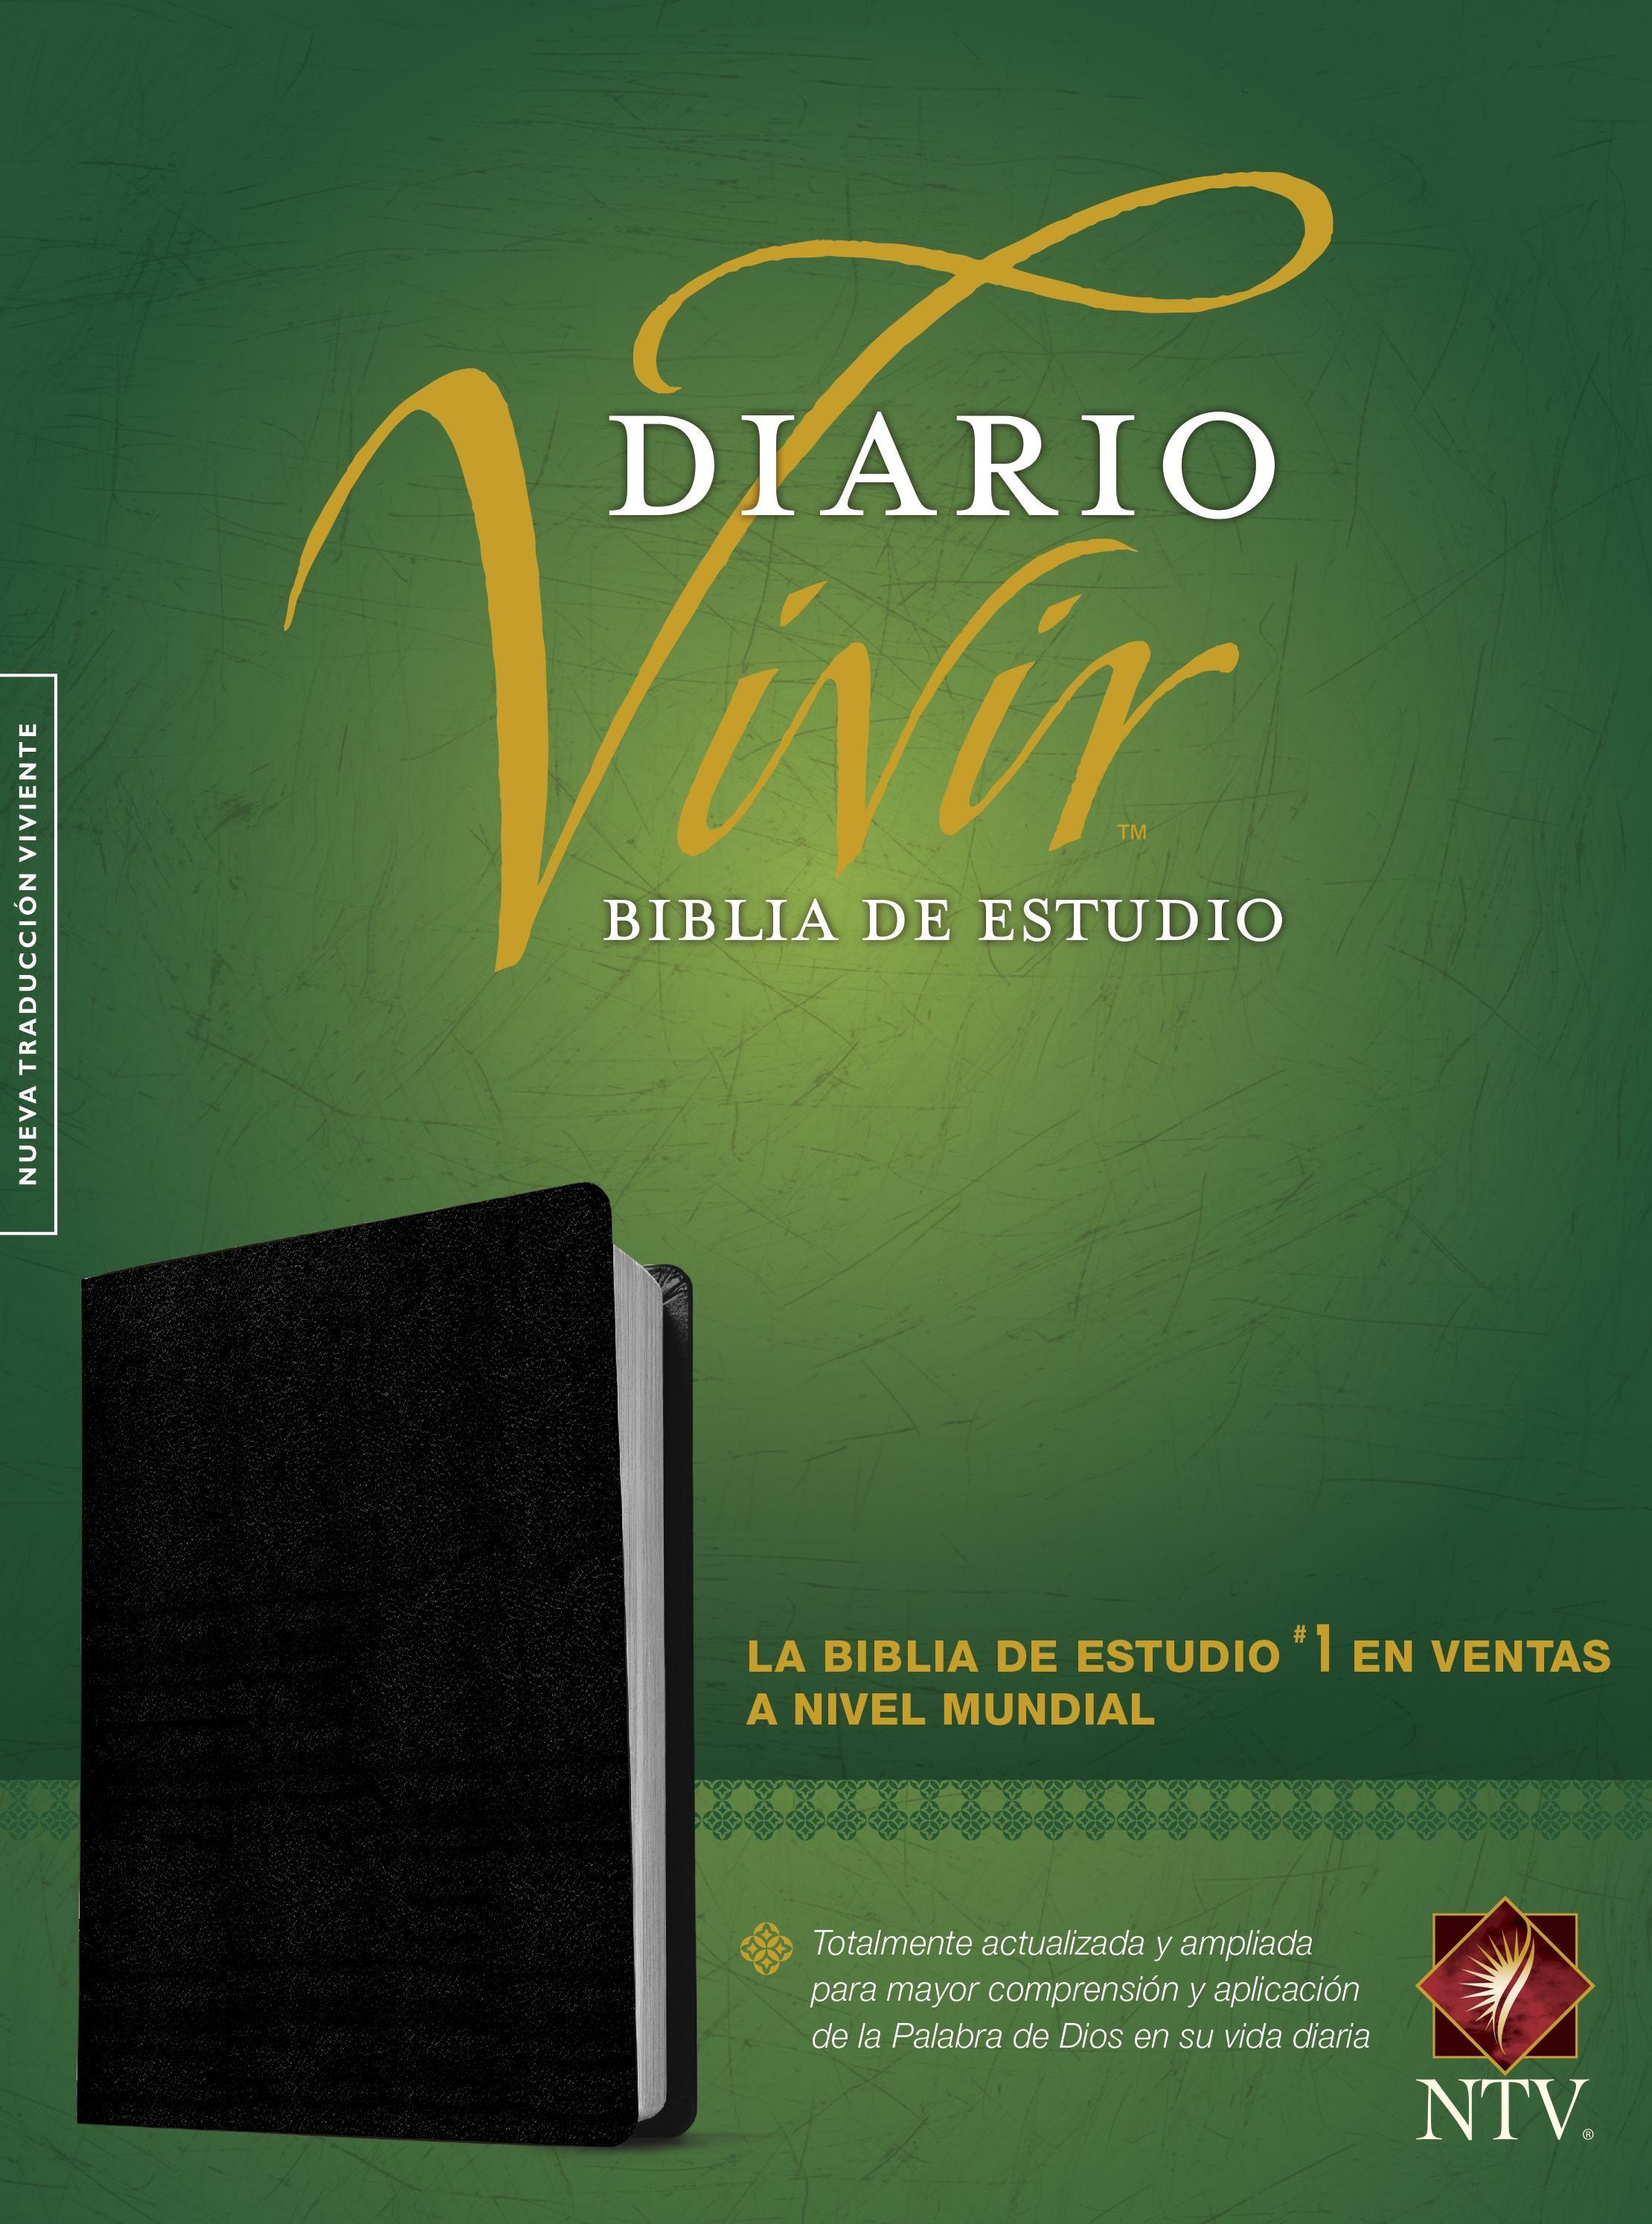 Biblia de estudio del diario vivir NTV (Letra Roja, Piel fabricada, Negro)